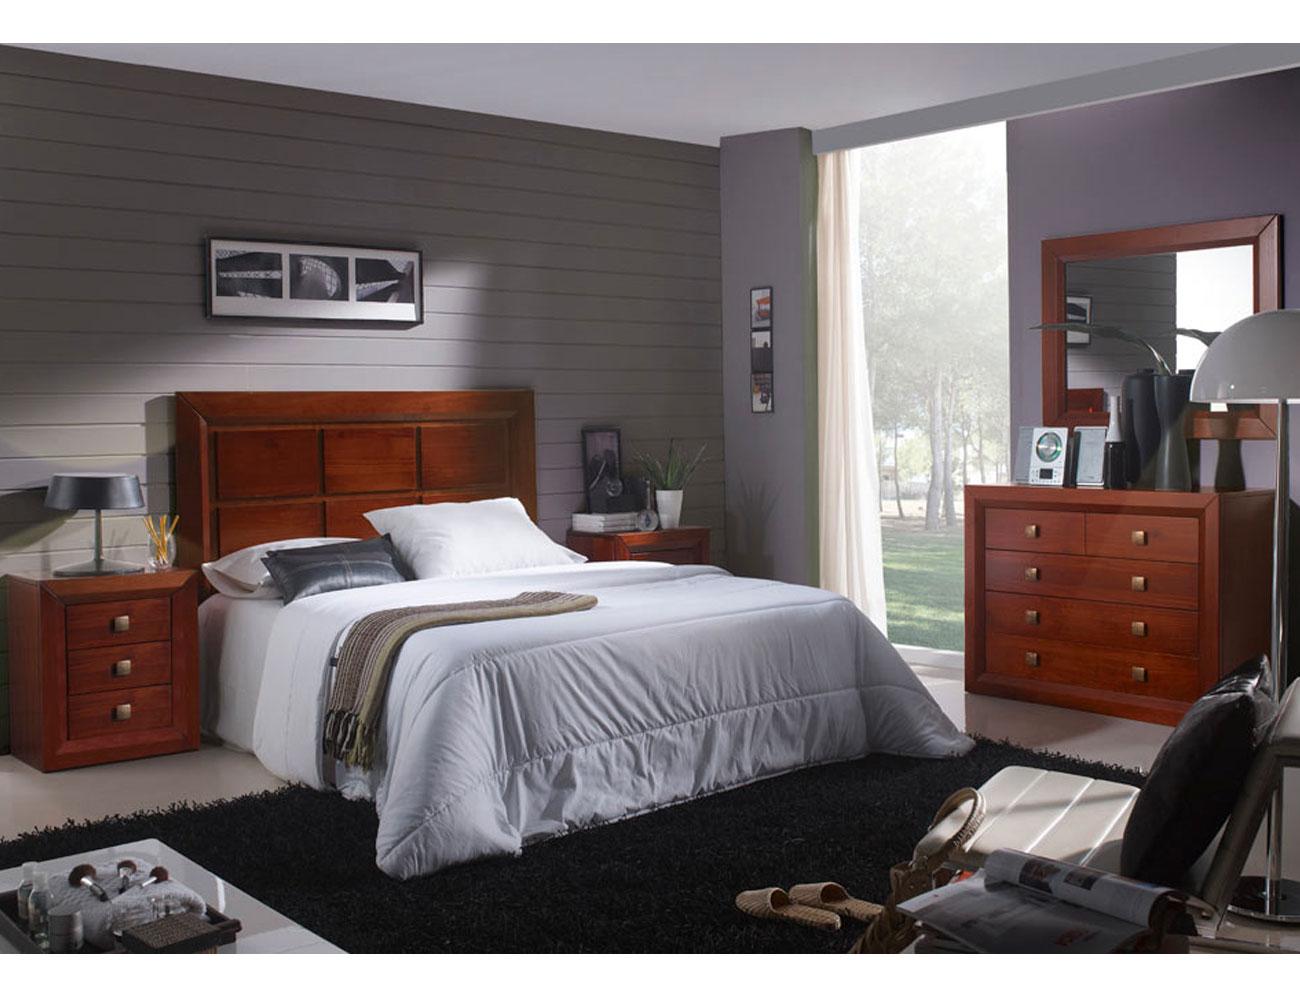 Dormitorio matrimonio comoda 5c nogal madera dm4